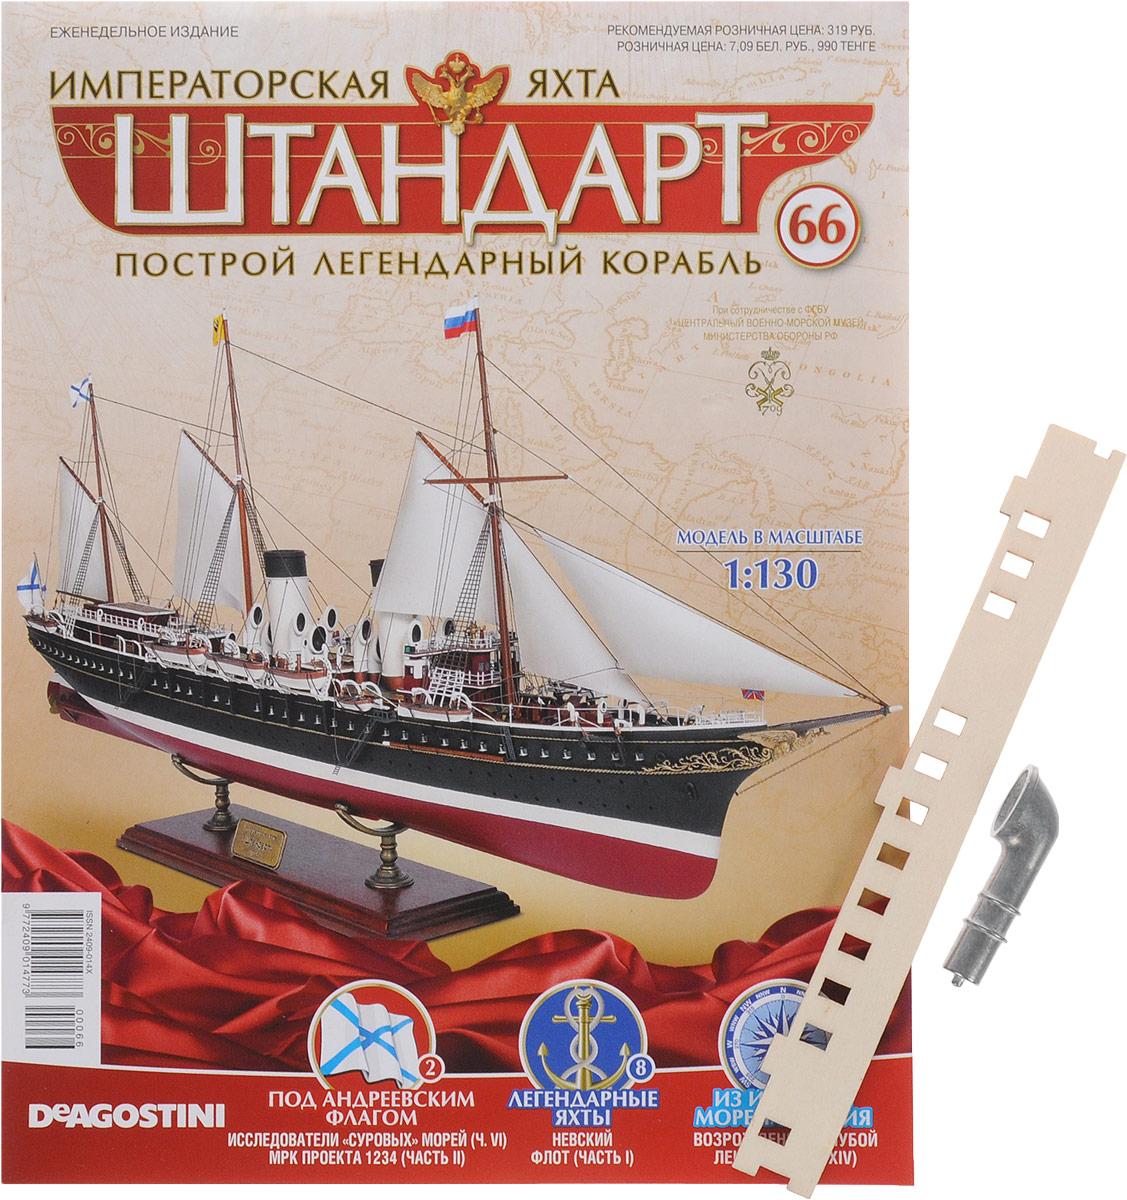 Журнал Императорская яхтаШТАНДАРТ №66